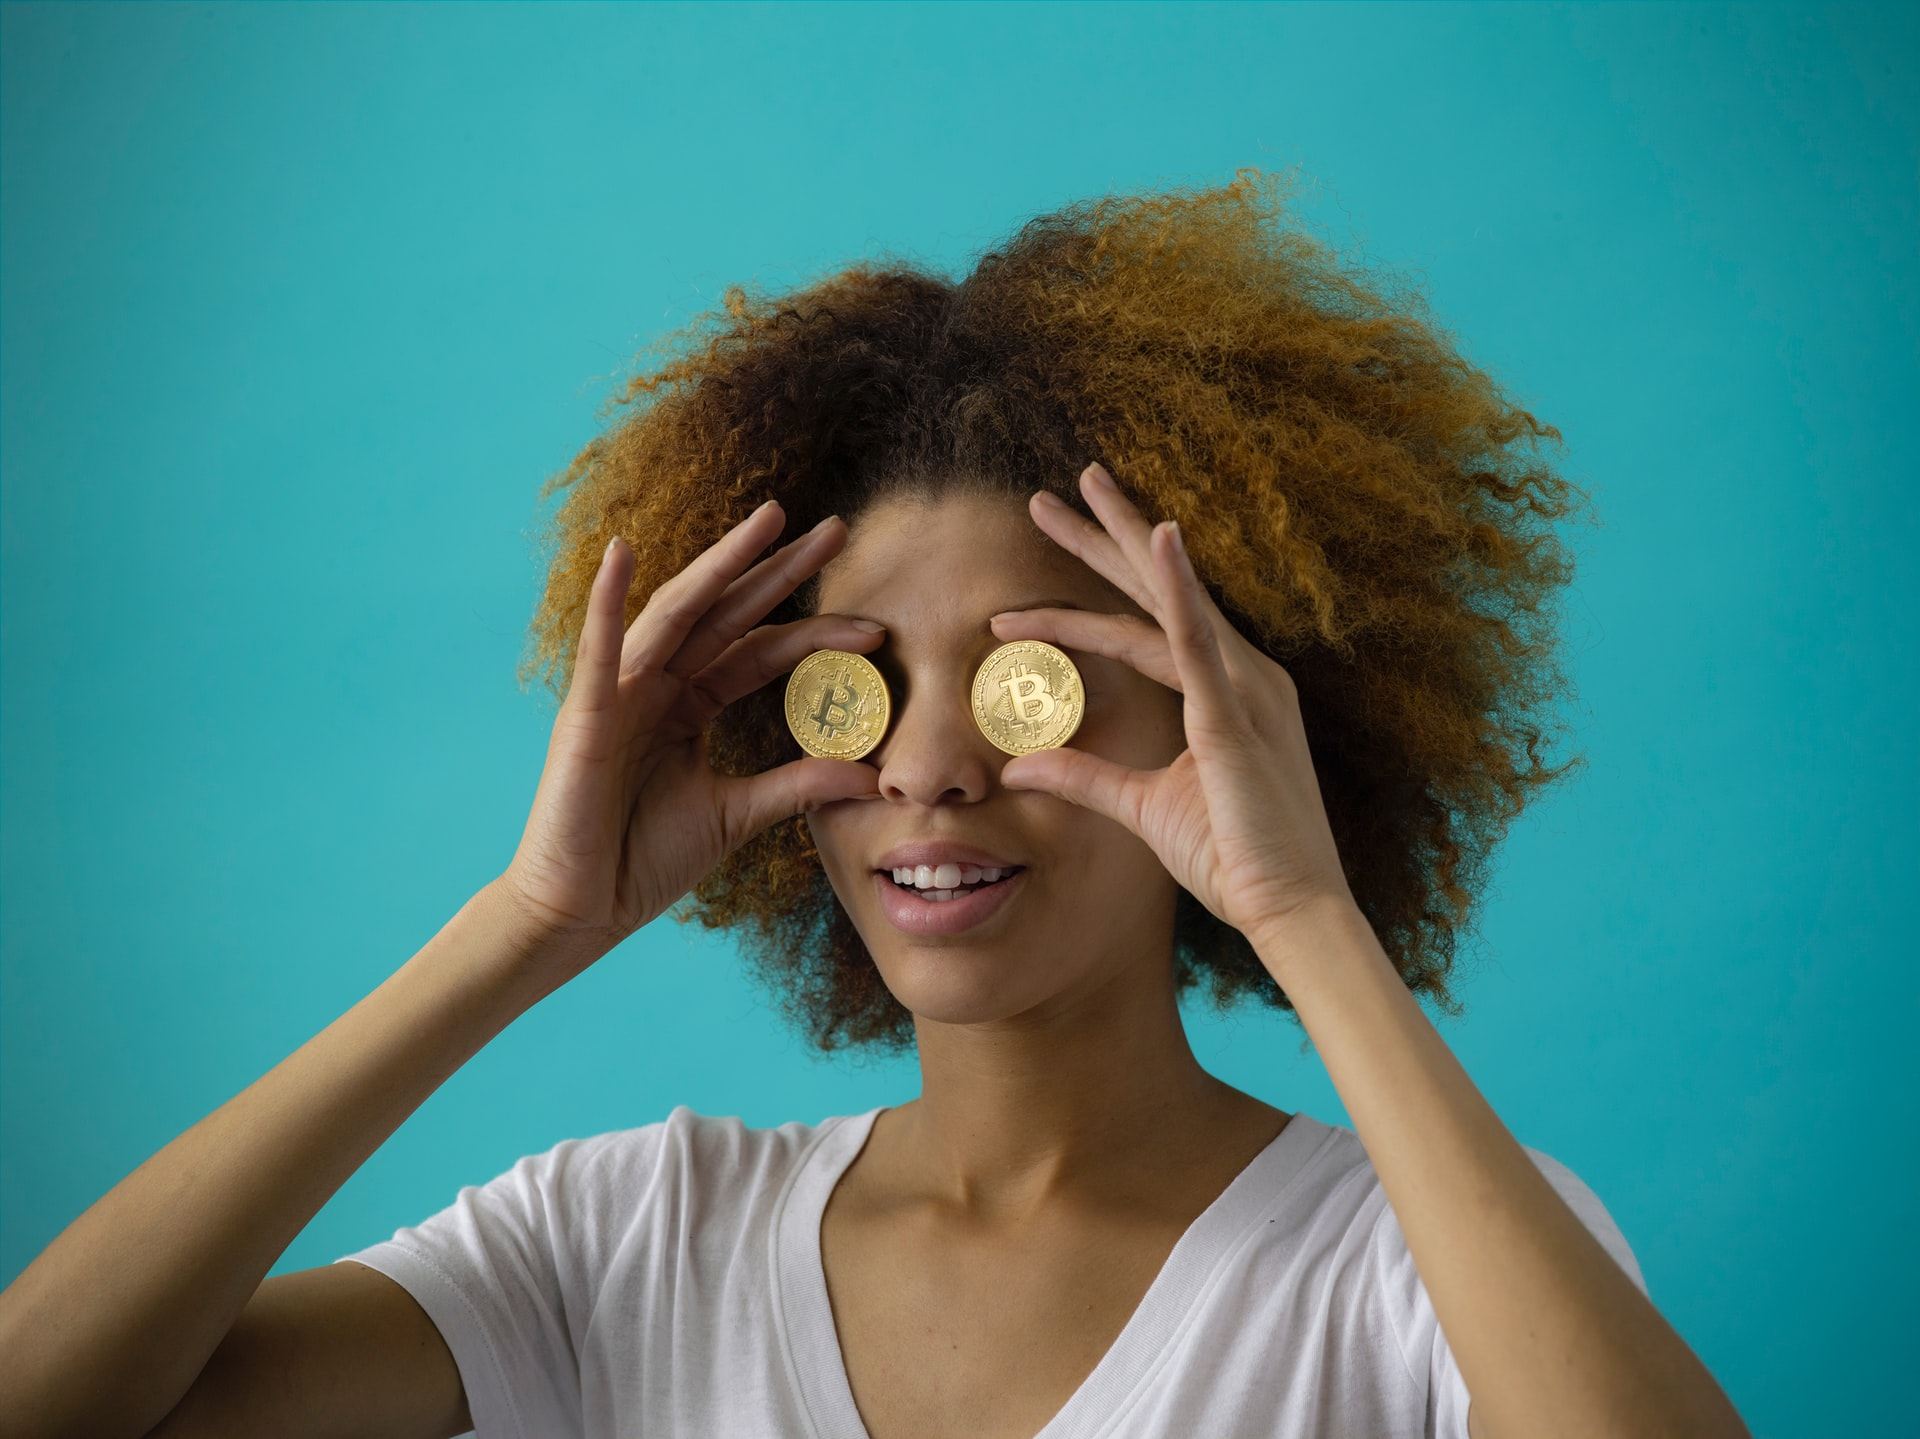 O que vender para ganhar dinheiro rápido e fácil? Aprenda a divulgar suas vendas com essas 5 dicas!